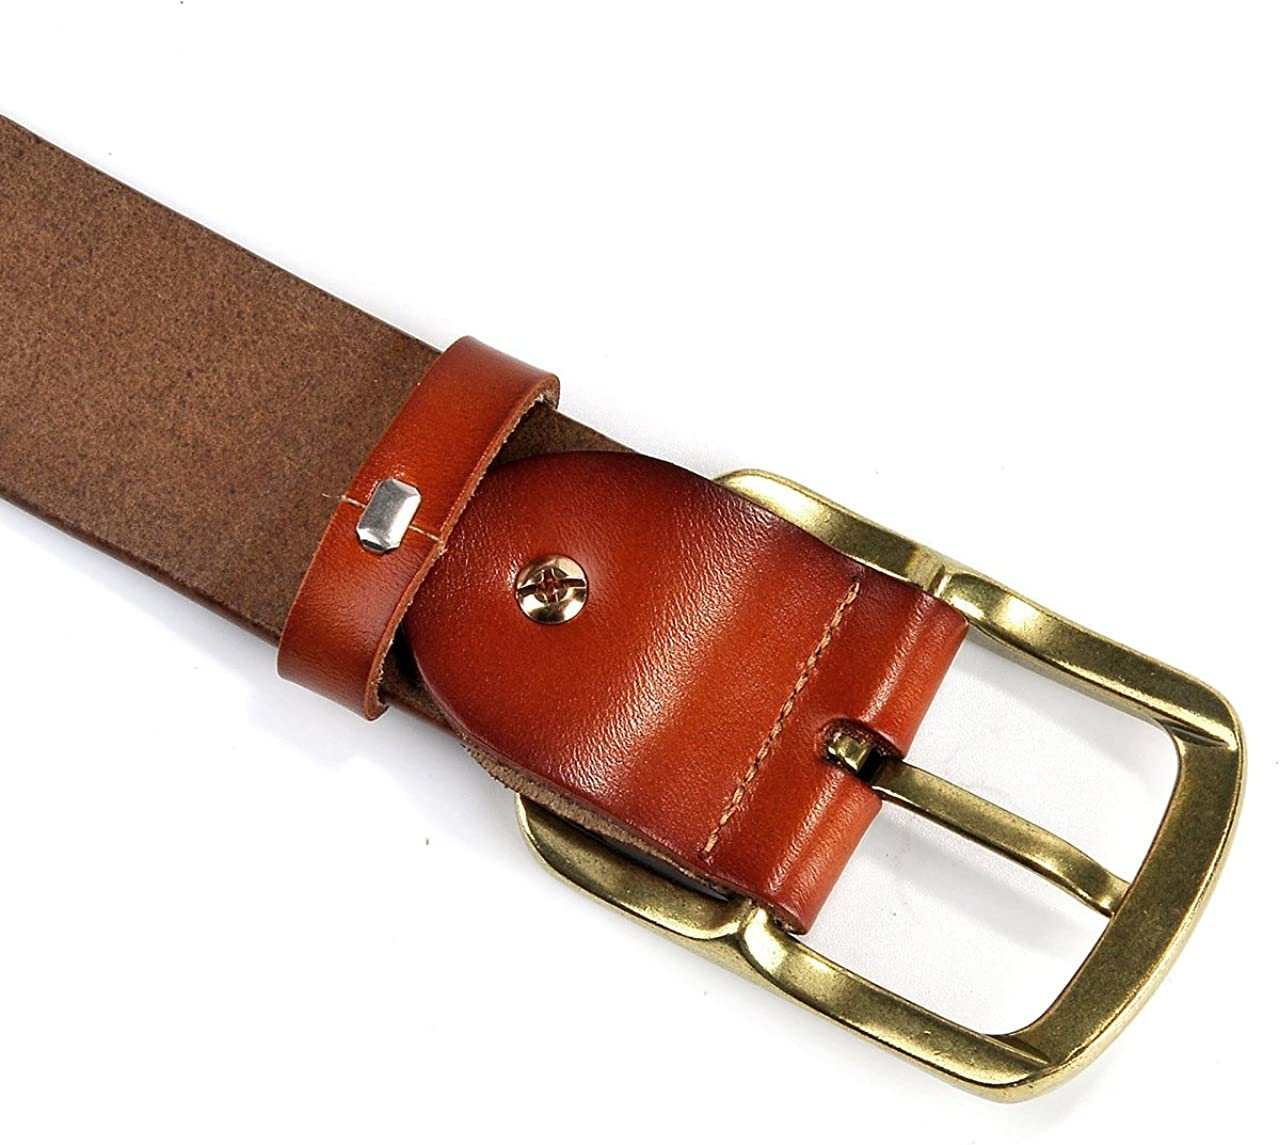 Adjustable Classic Casual Dress Belts for Men FALETO Mens Genuine Leather Belt